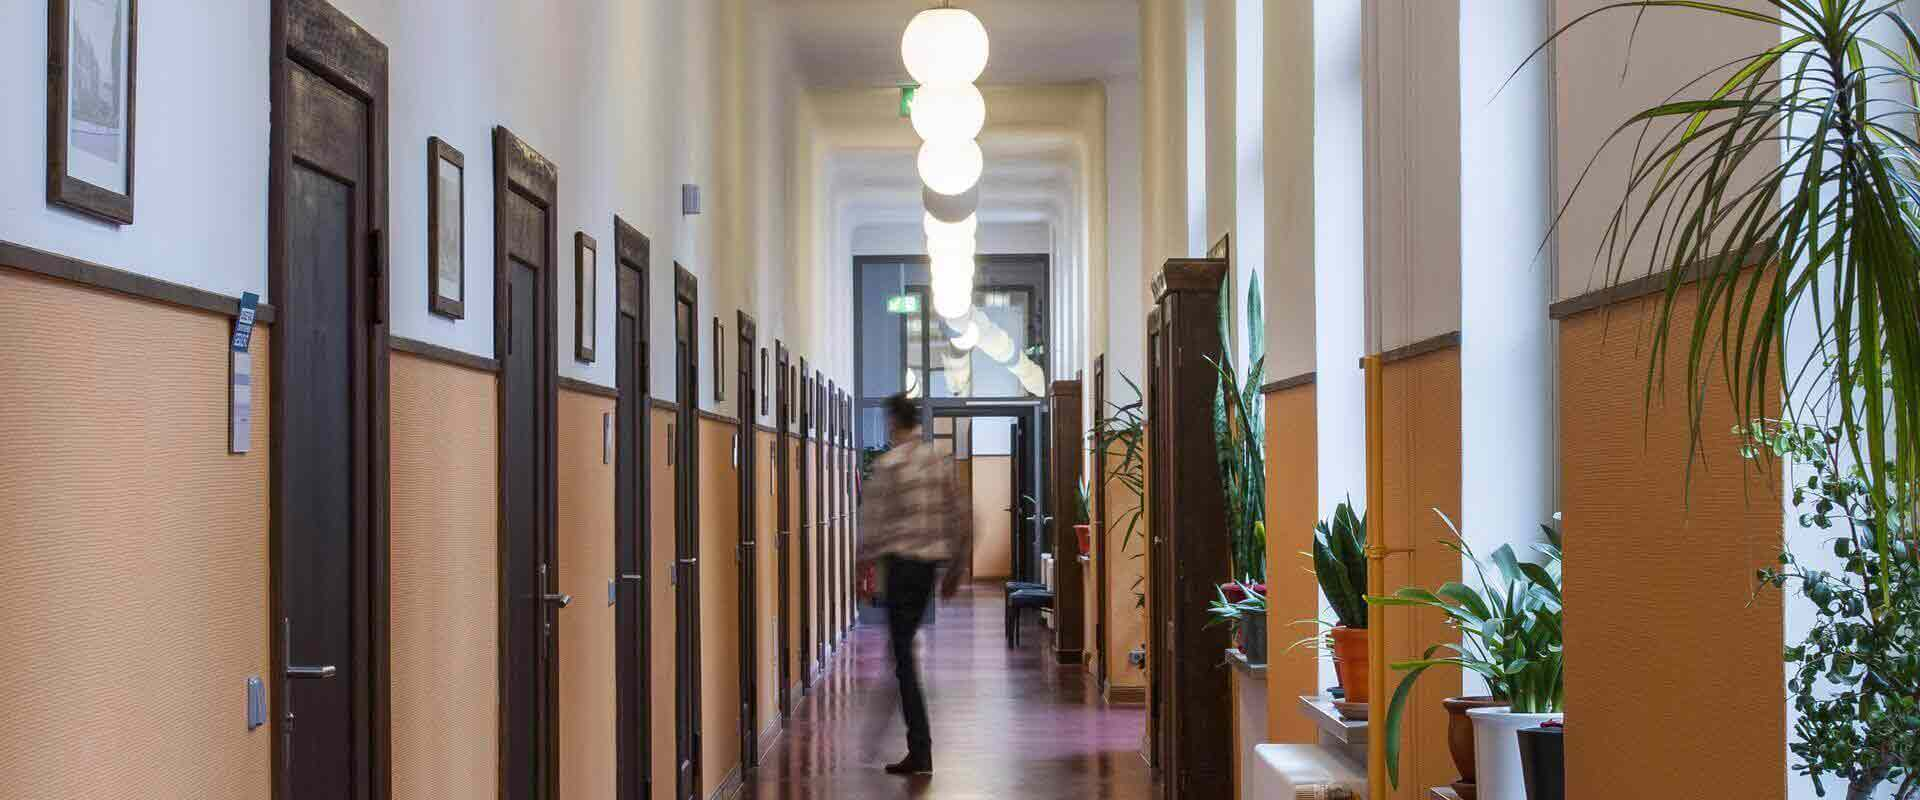 Gang im Gebäude der MEDIAN Klinik Schelfstadt